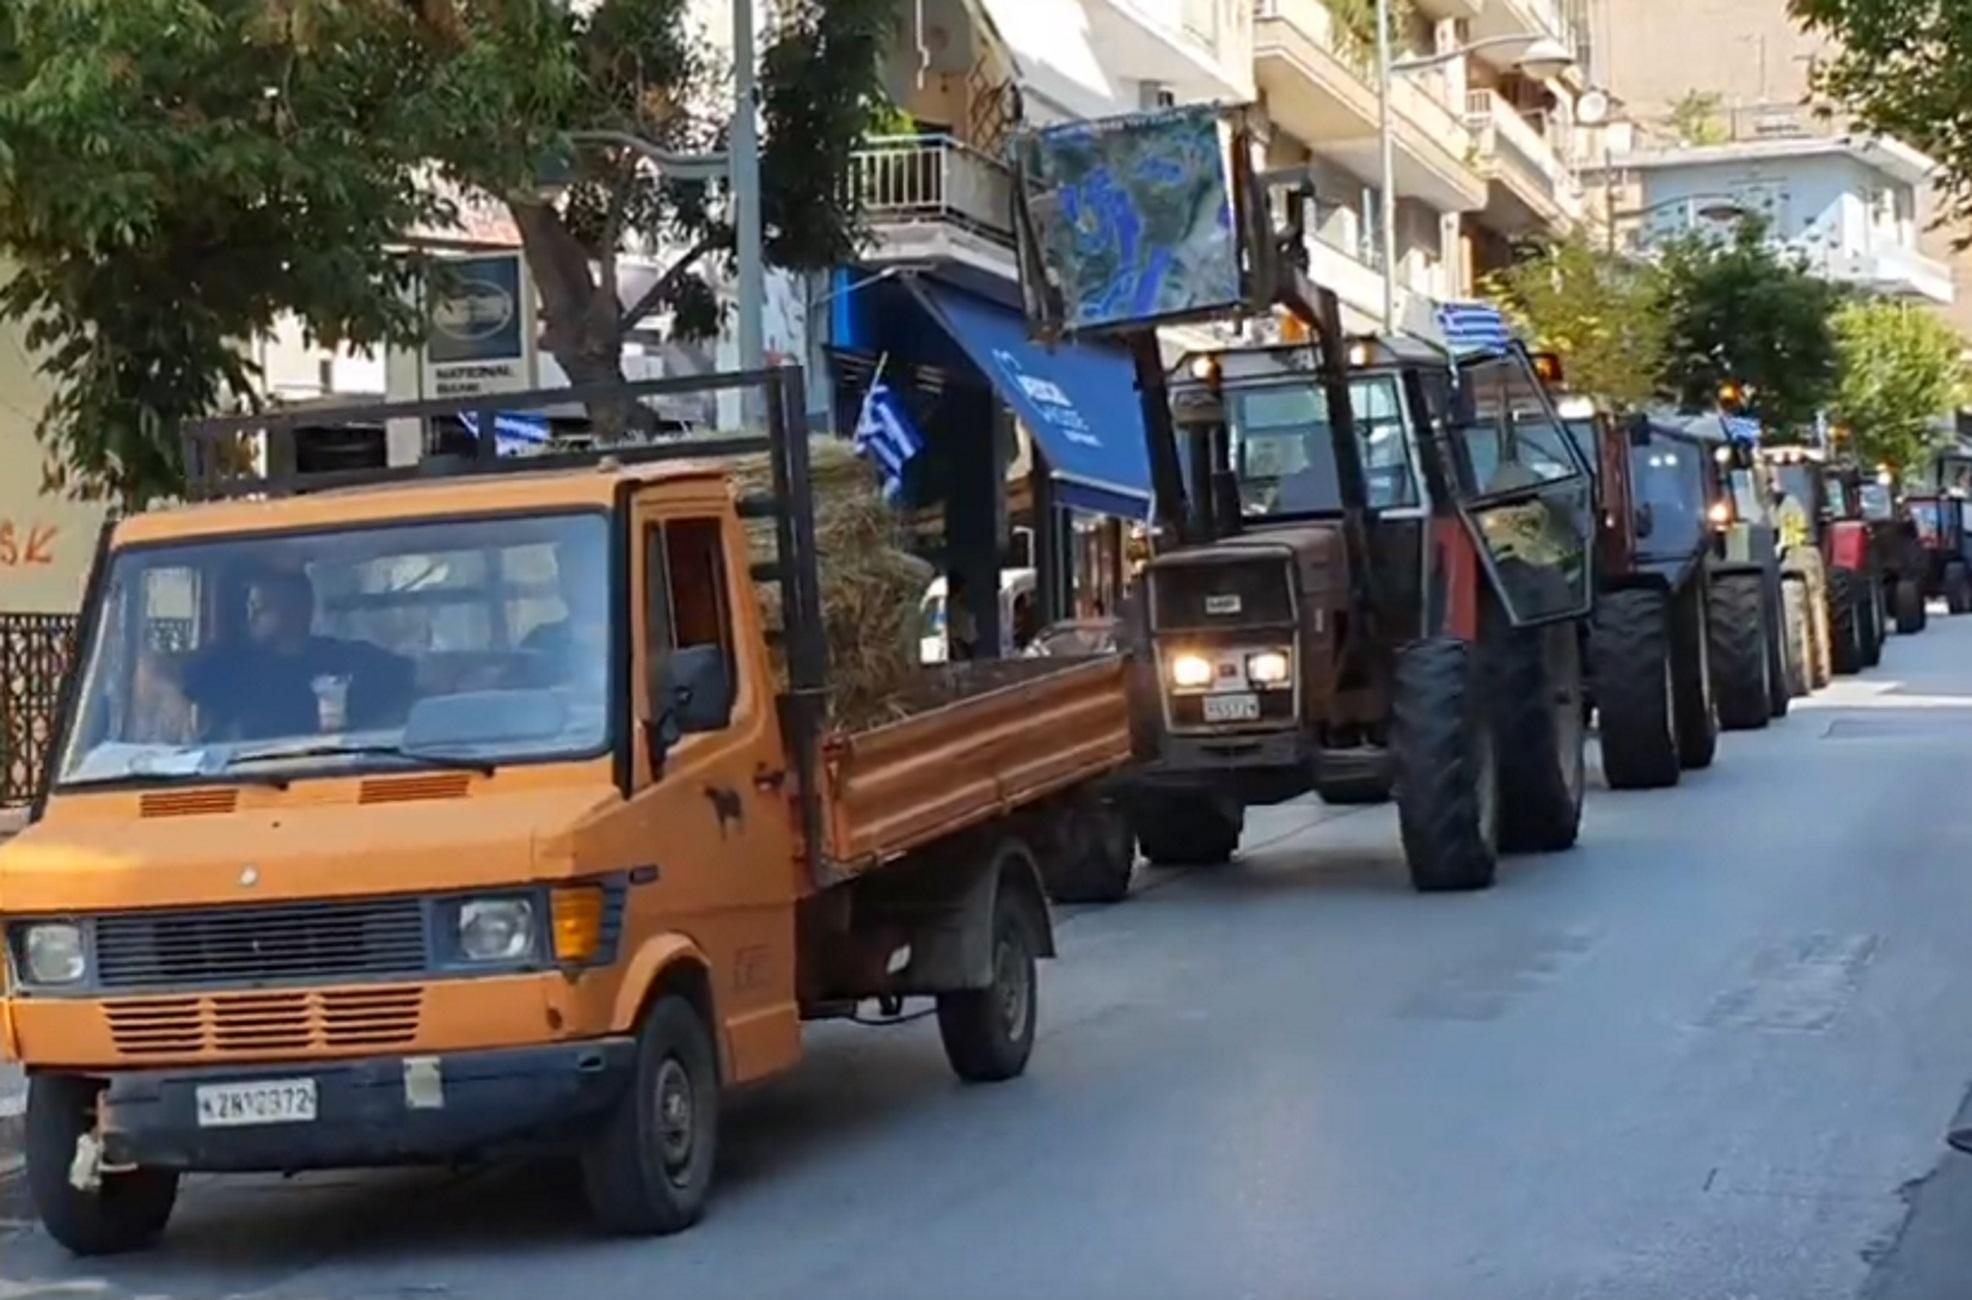 Κοζάνη: Με τα τρακτέρ στο κέντρο της πόλης – Διαμαρτυρία από αγρότες και κτηνοτρόφους